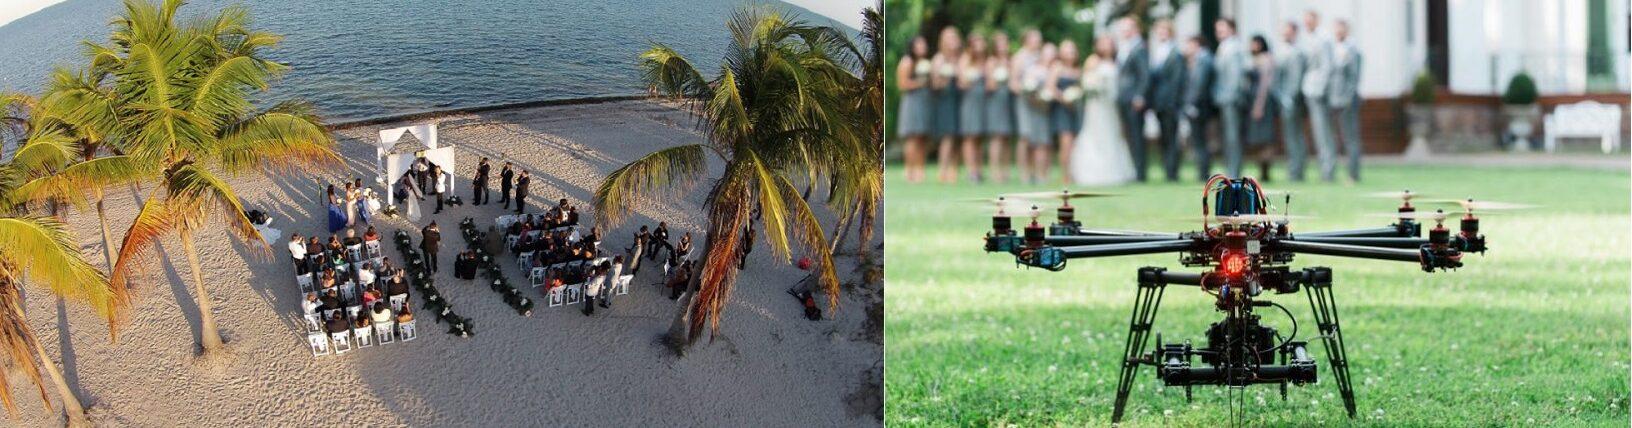 Houston Wedding Ceremony Aerial Drone Videography & Photography, Houston Weddings, Galveston Beach Wedding, Houston Drone, Houston Aerial Drone, Houston Videography, Houston Photography